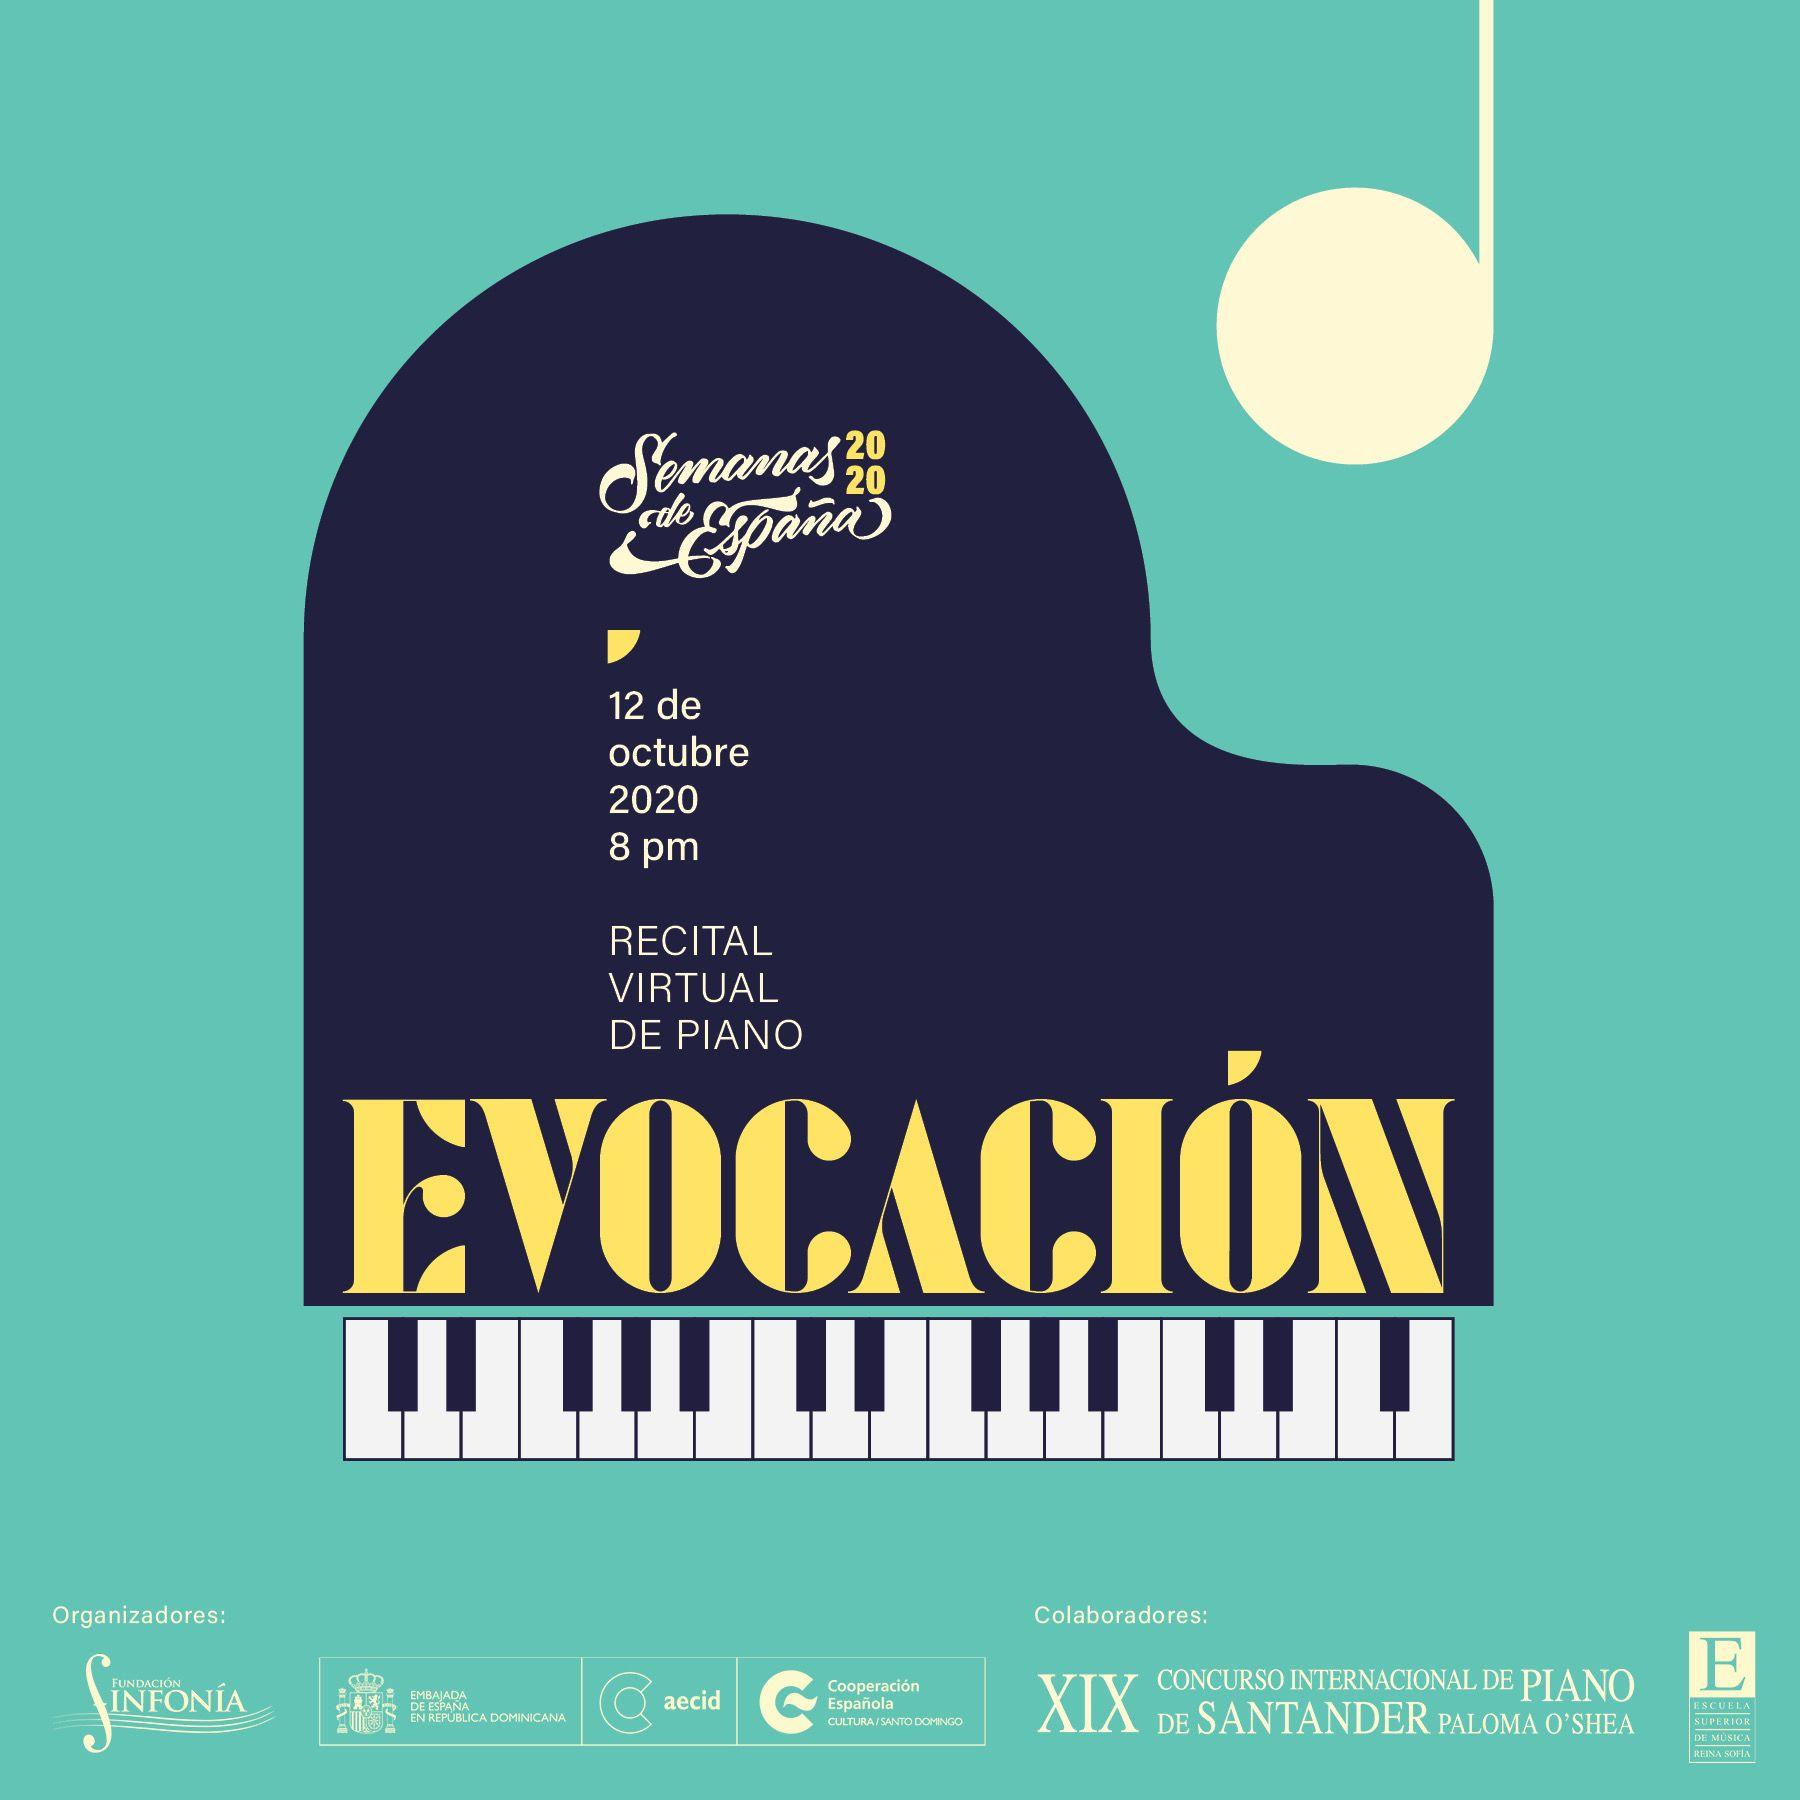 <p>REALIZAR&Aacute;N CONCIERTO DE PIANO CON EL VIRTUOSO ENRIQUE LAPAZ</p>